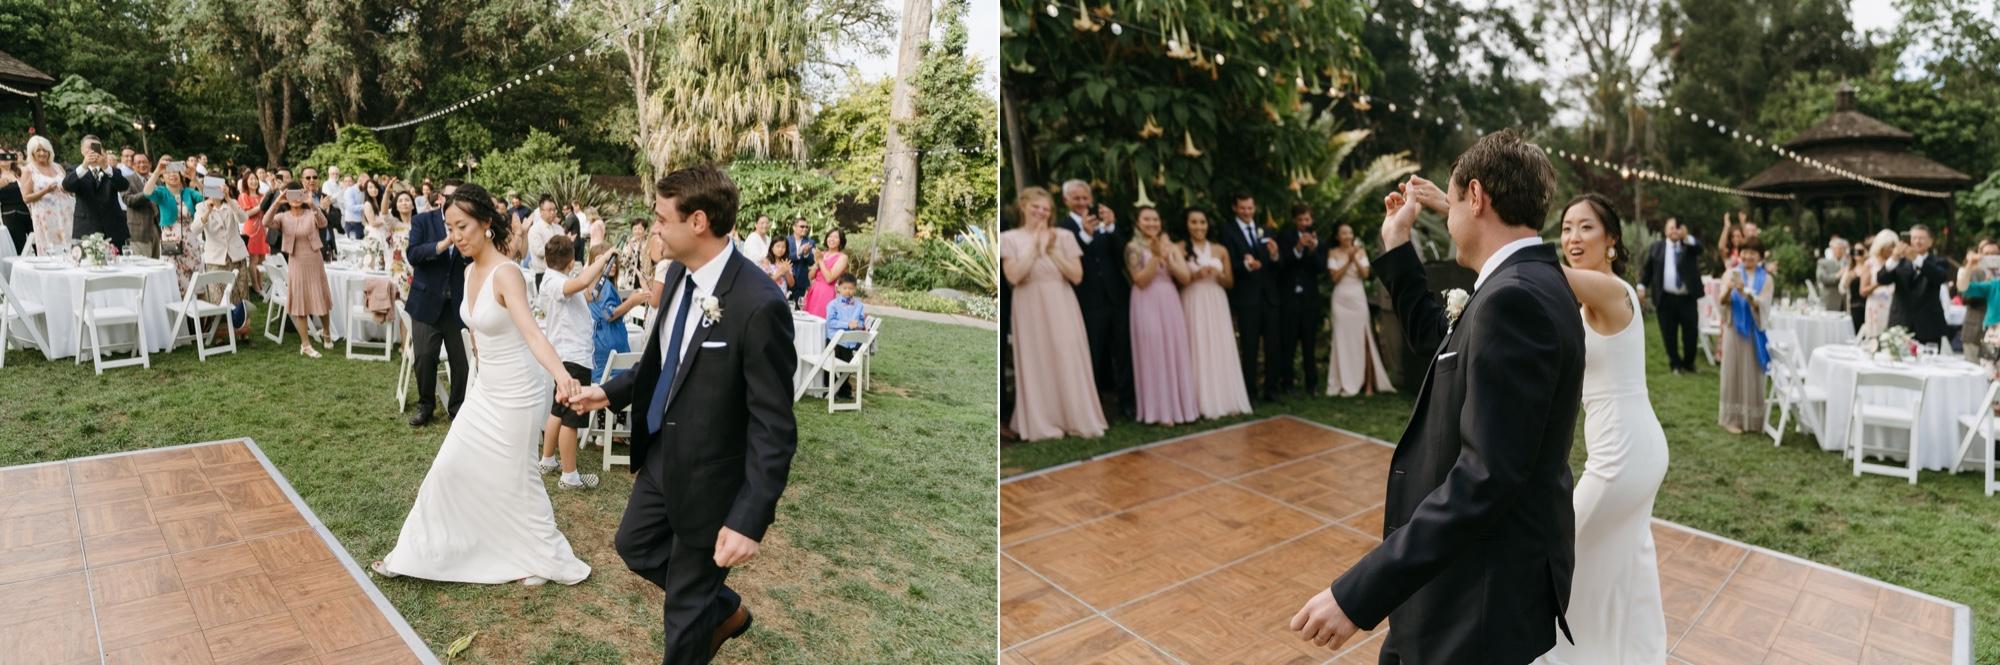 062_Shawna and Steve's Wedding-406_Shawna and Steve's Wedding-405.jpg